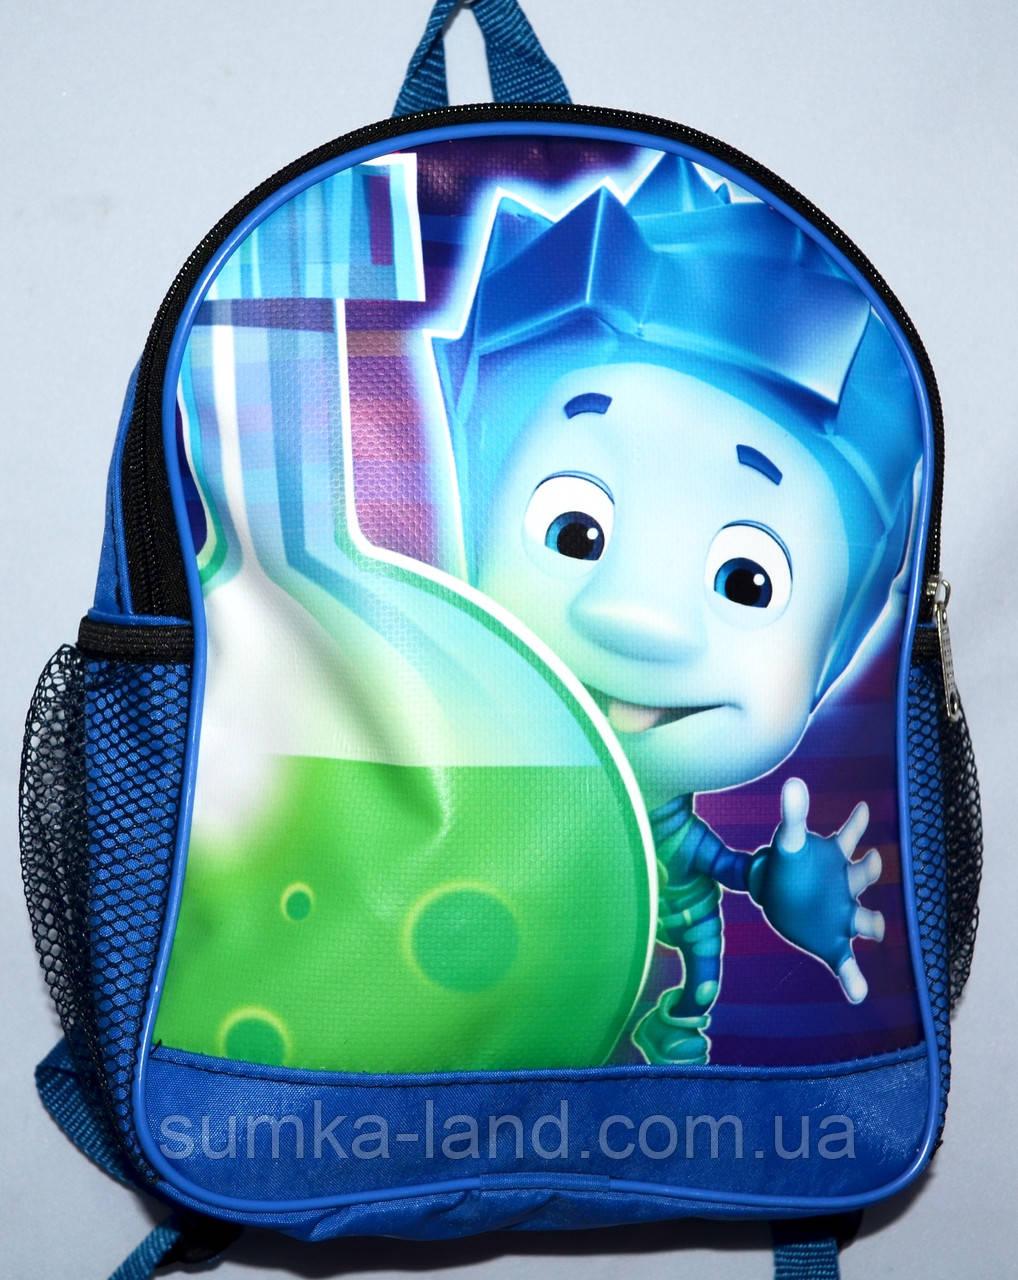 Детский школьный рюкзак для маличика 22*29 (мульт)